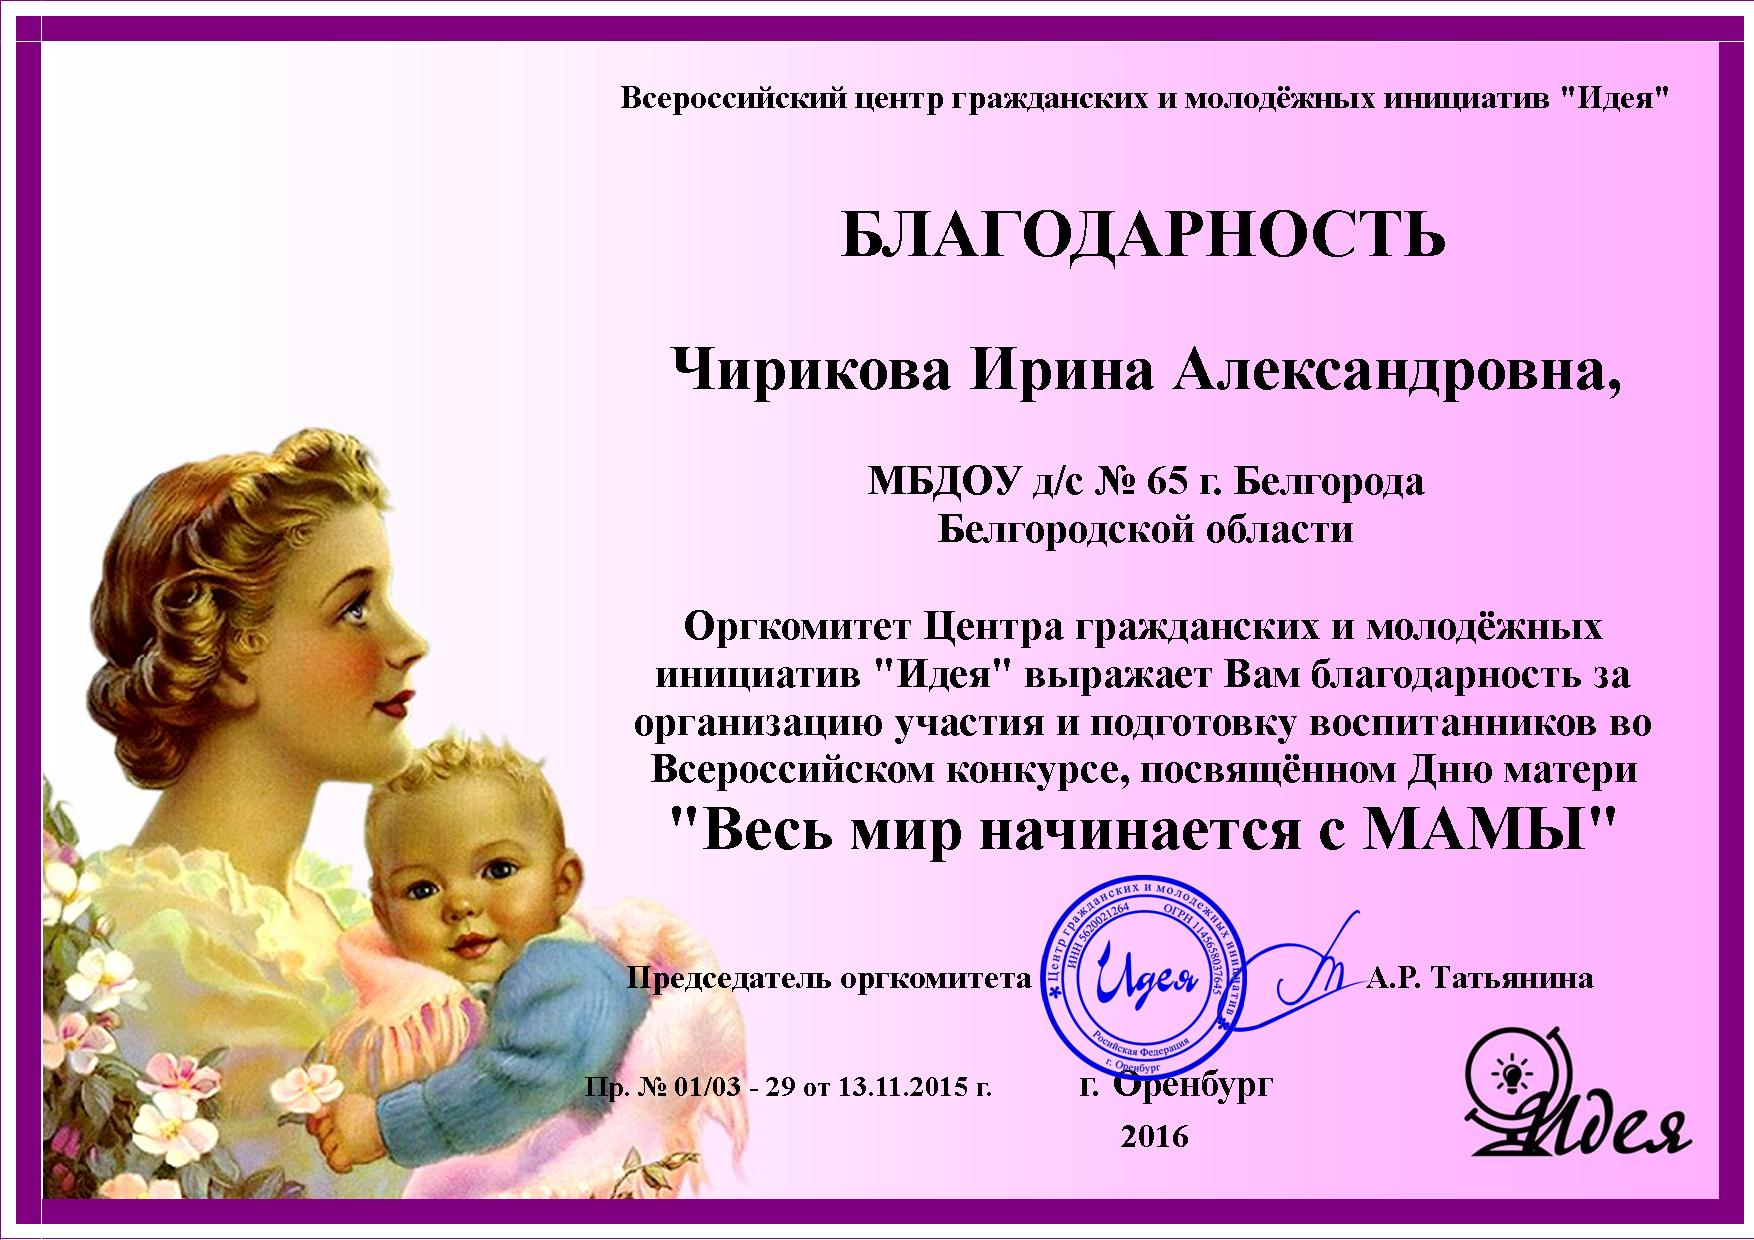 Благодарственное письмо-Чирикова Ирина Александровна-64591